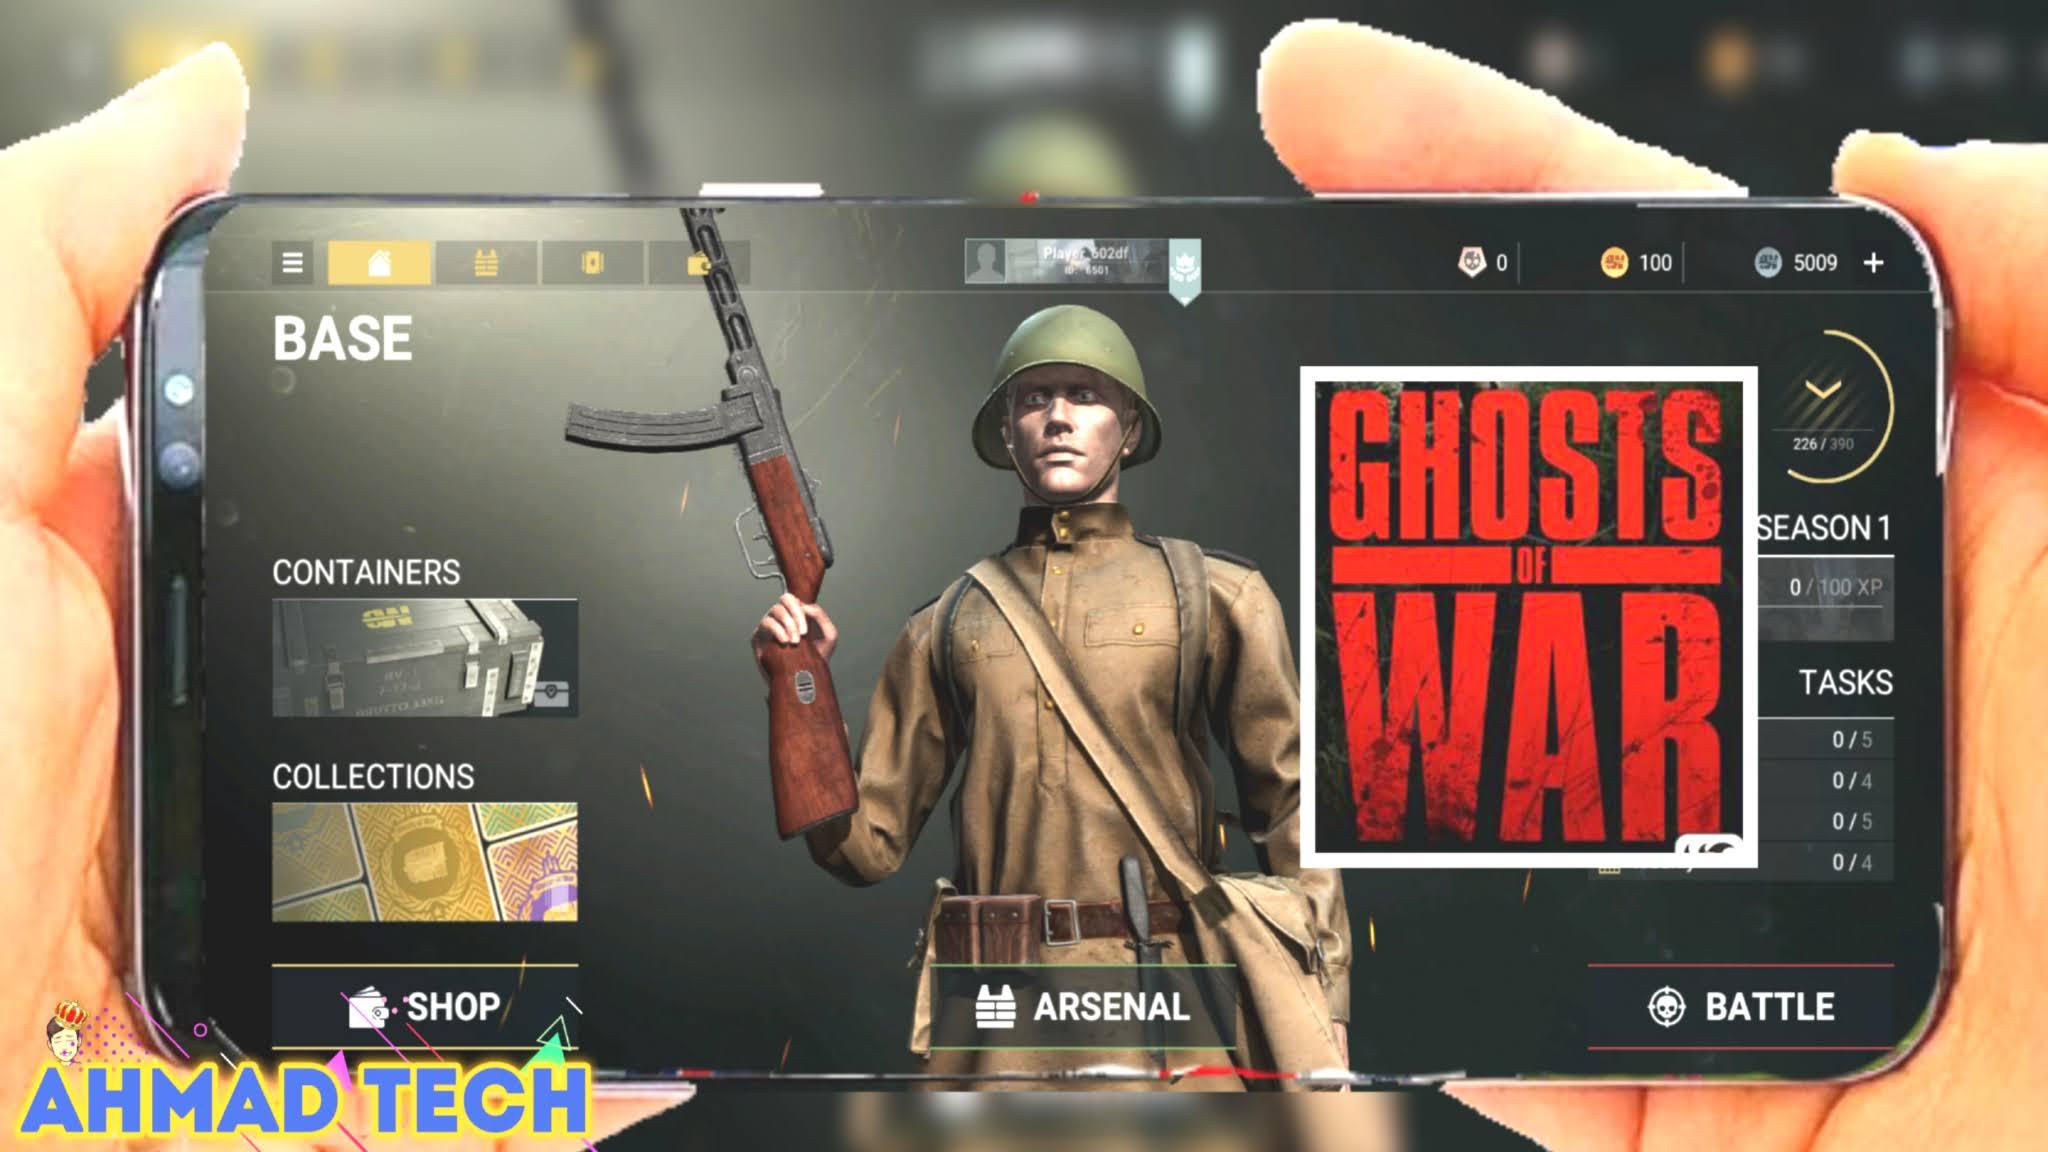 تحميل لعبة الحرب العالمية التانية Ghosts Of War جرافيك HD+